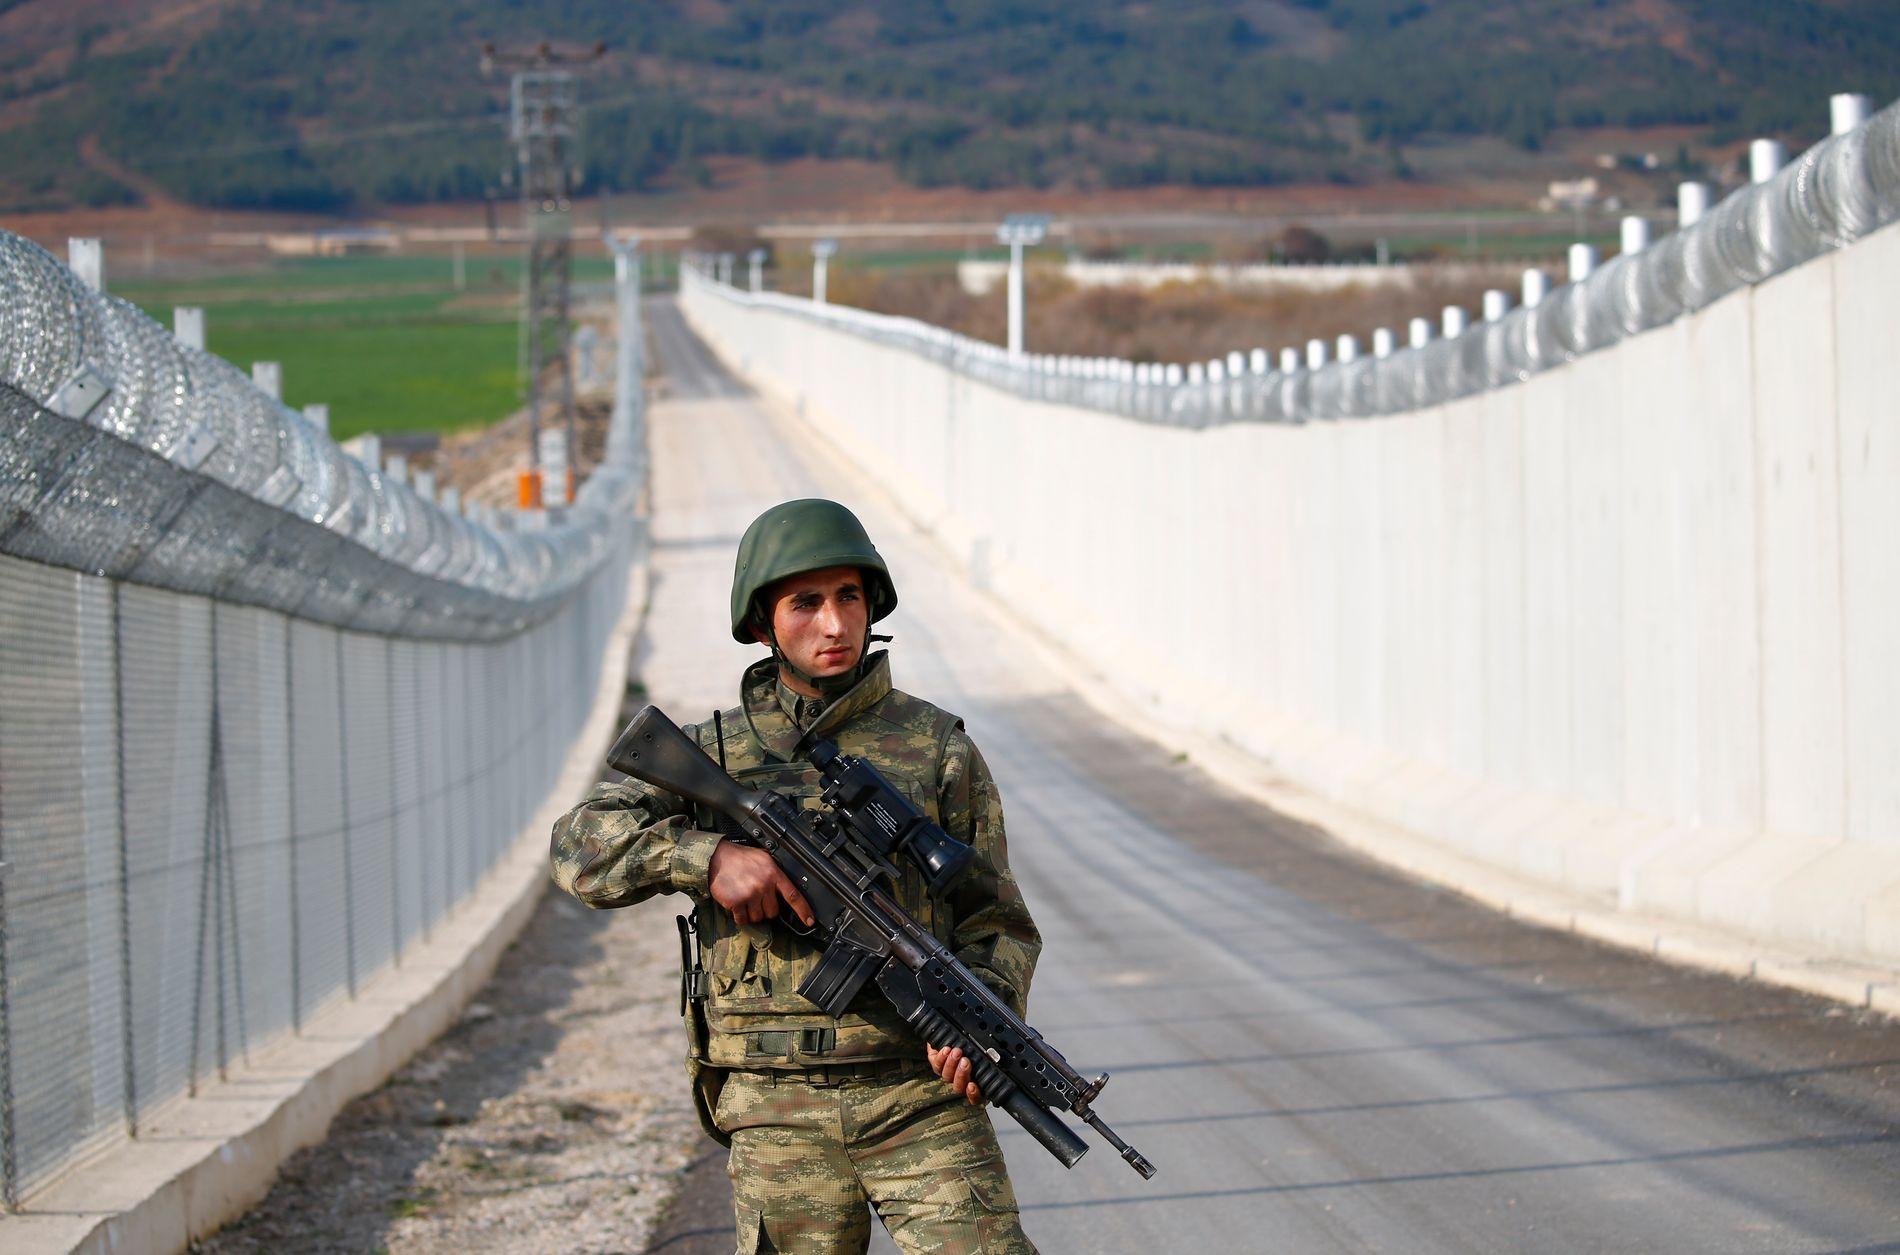 STYRKET KORNTOLL: De siste årene har Tyrkia bygget en mur mot den syriske grensen, som her nær byen Kilis, på et bilde fra 2. mars.